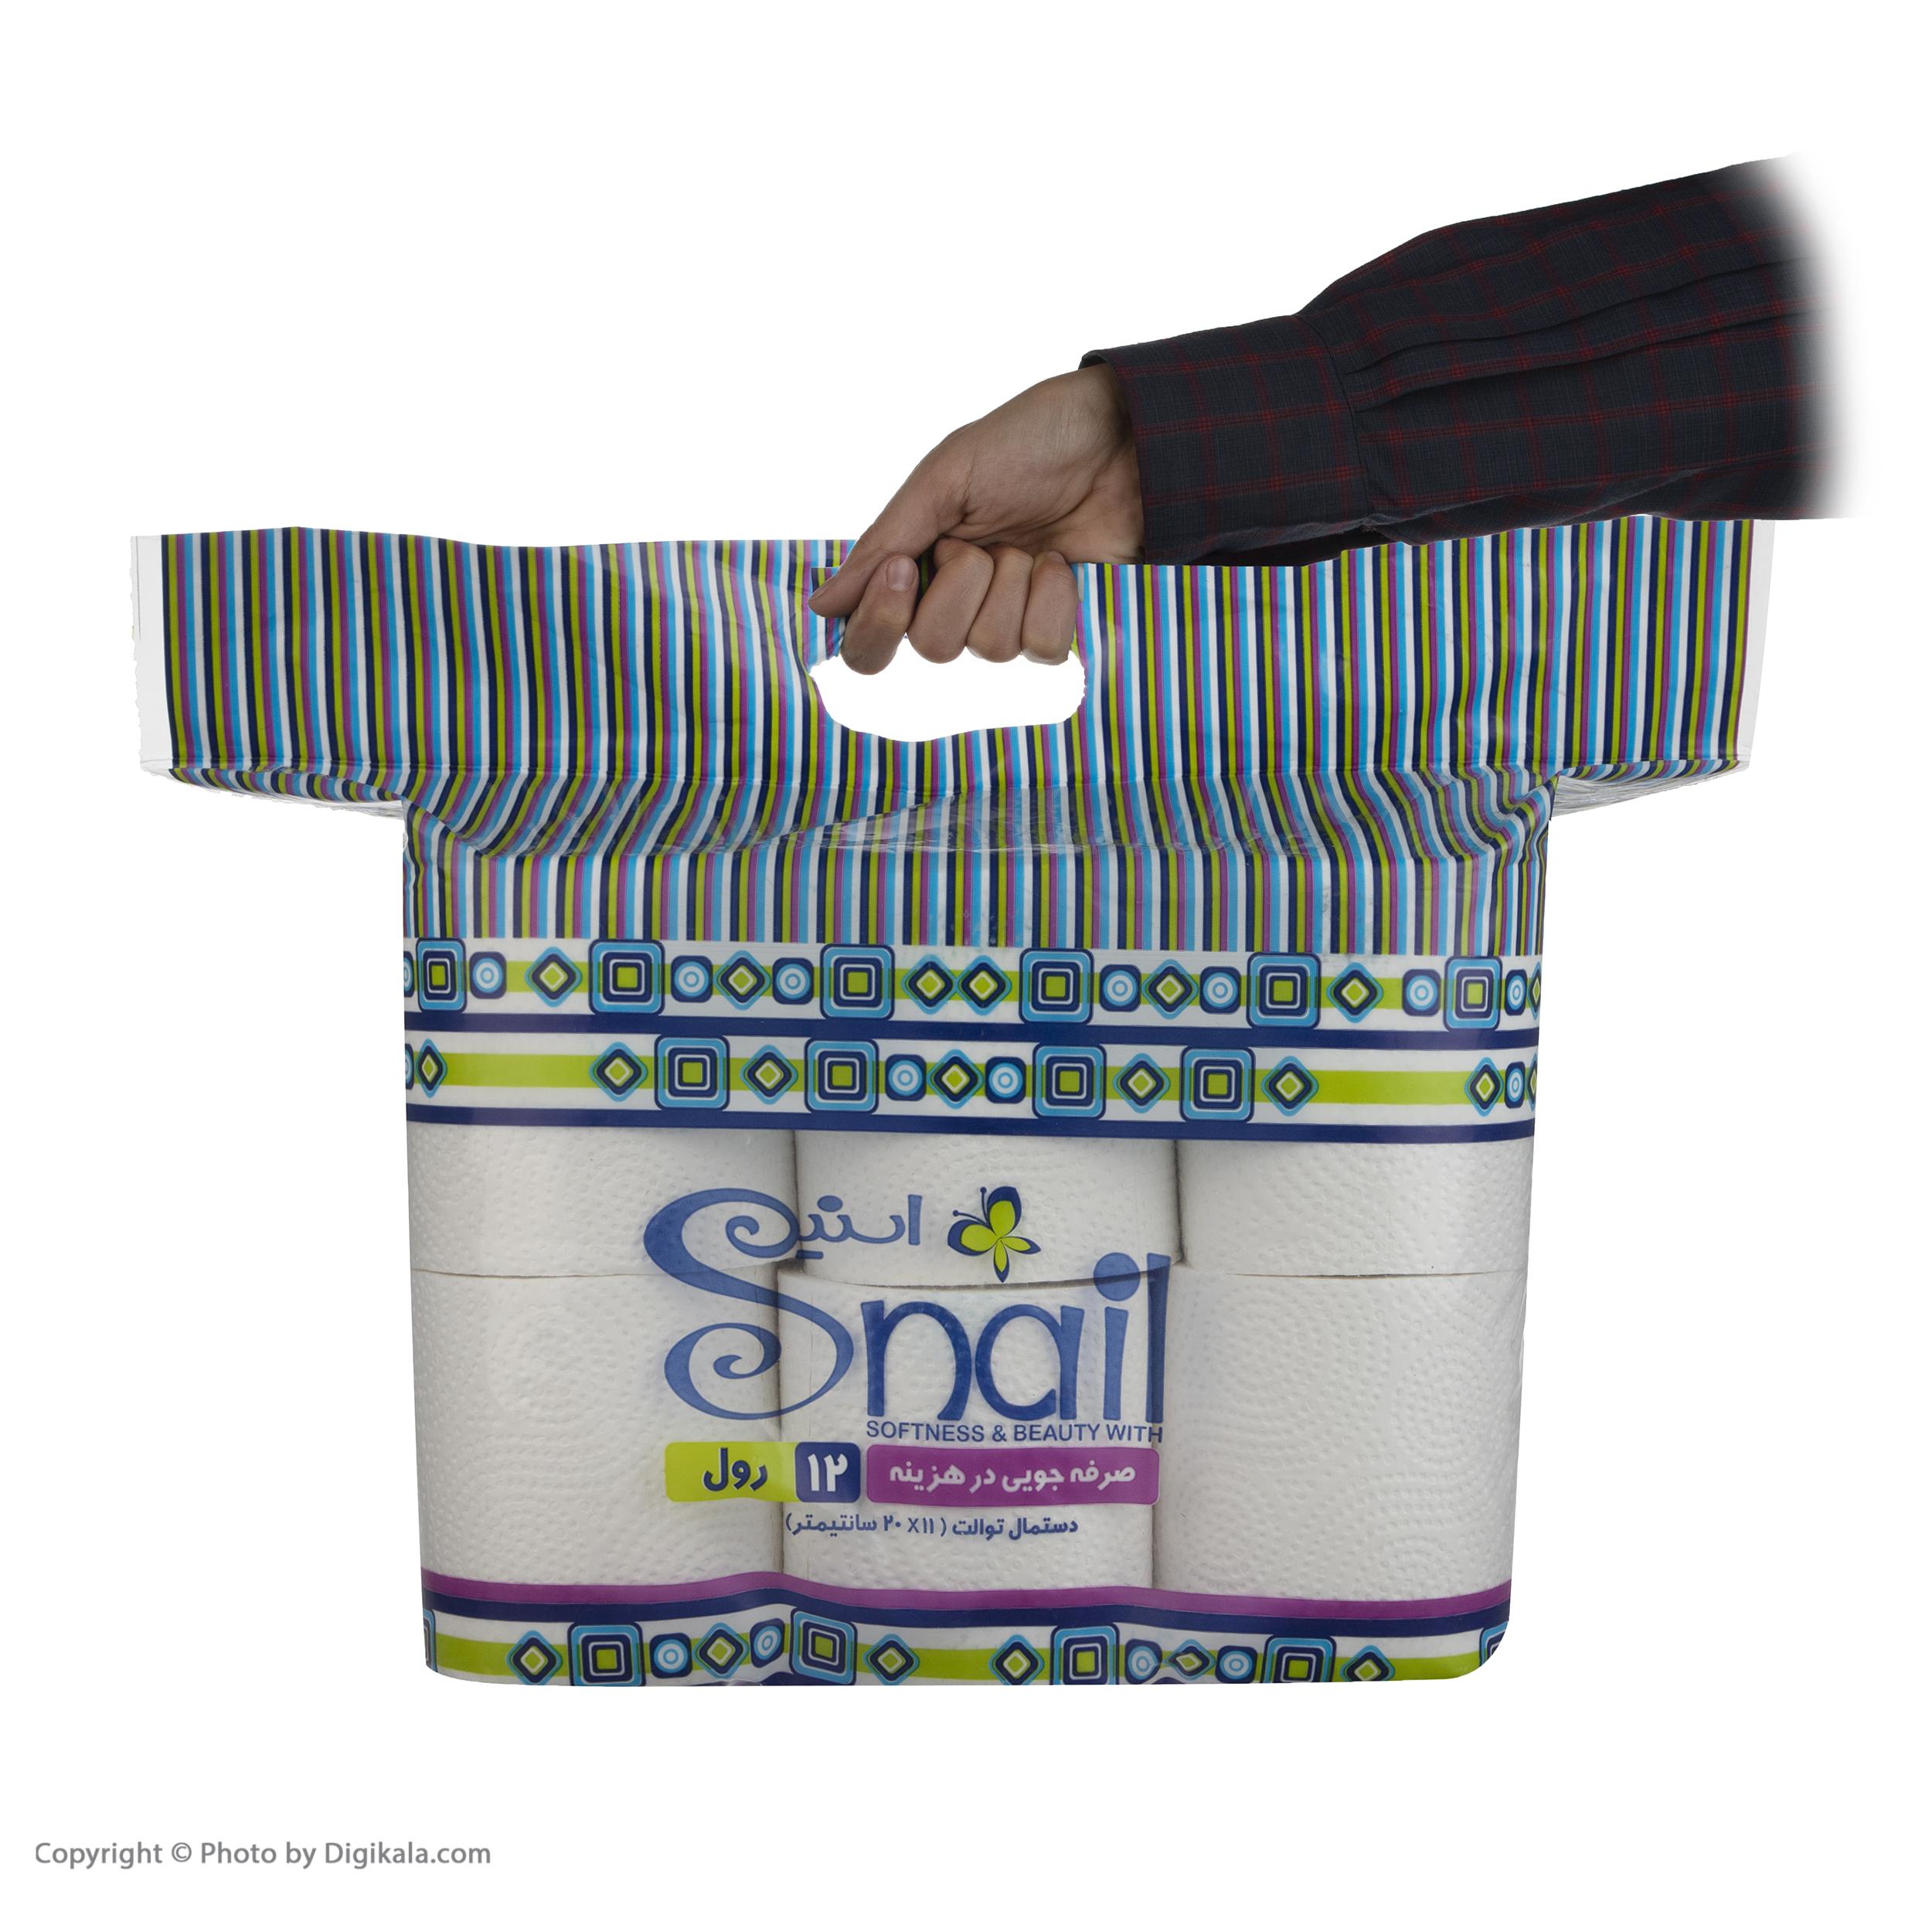 دستمال توالت اسنیل کد 03 بسته 12 عددی